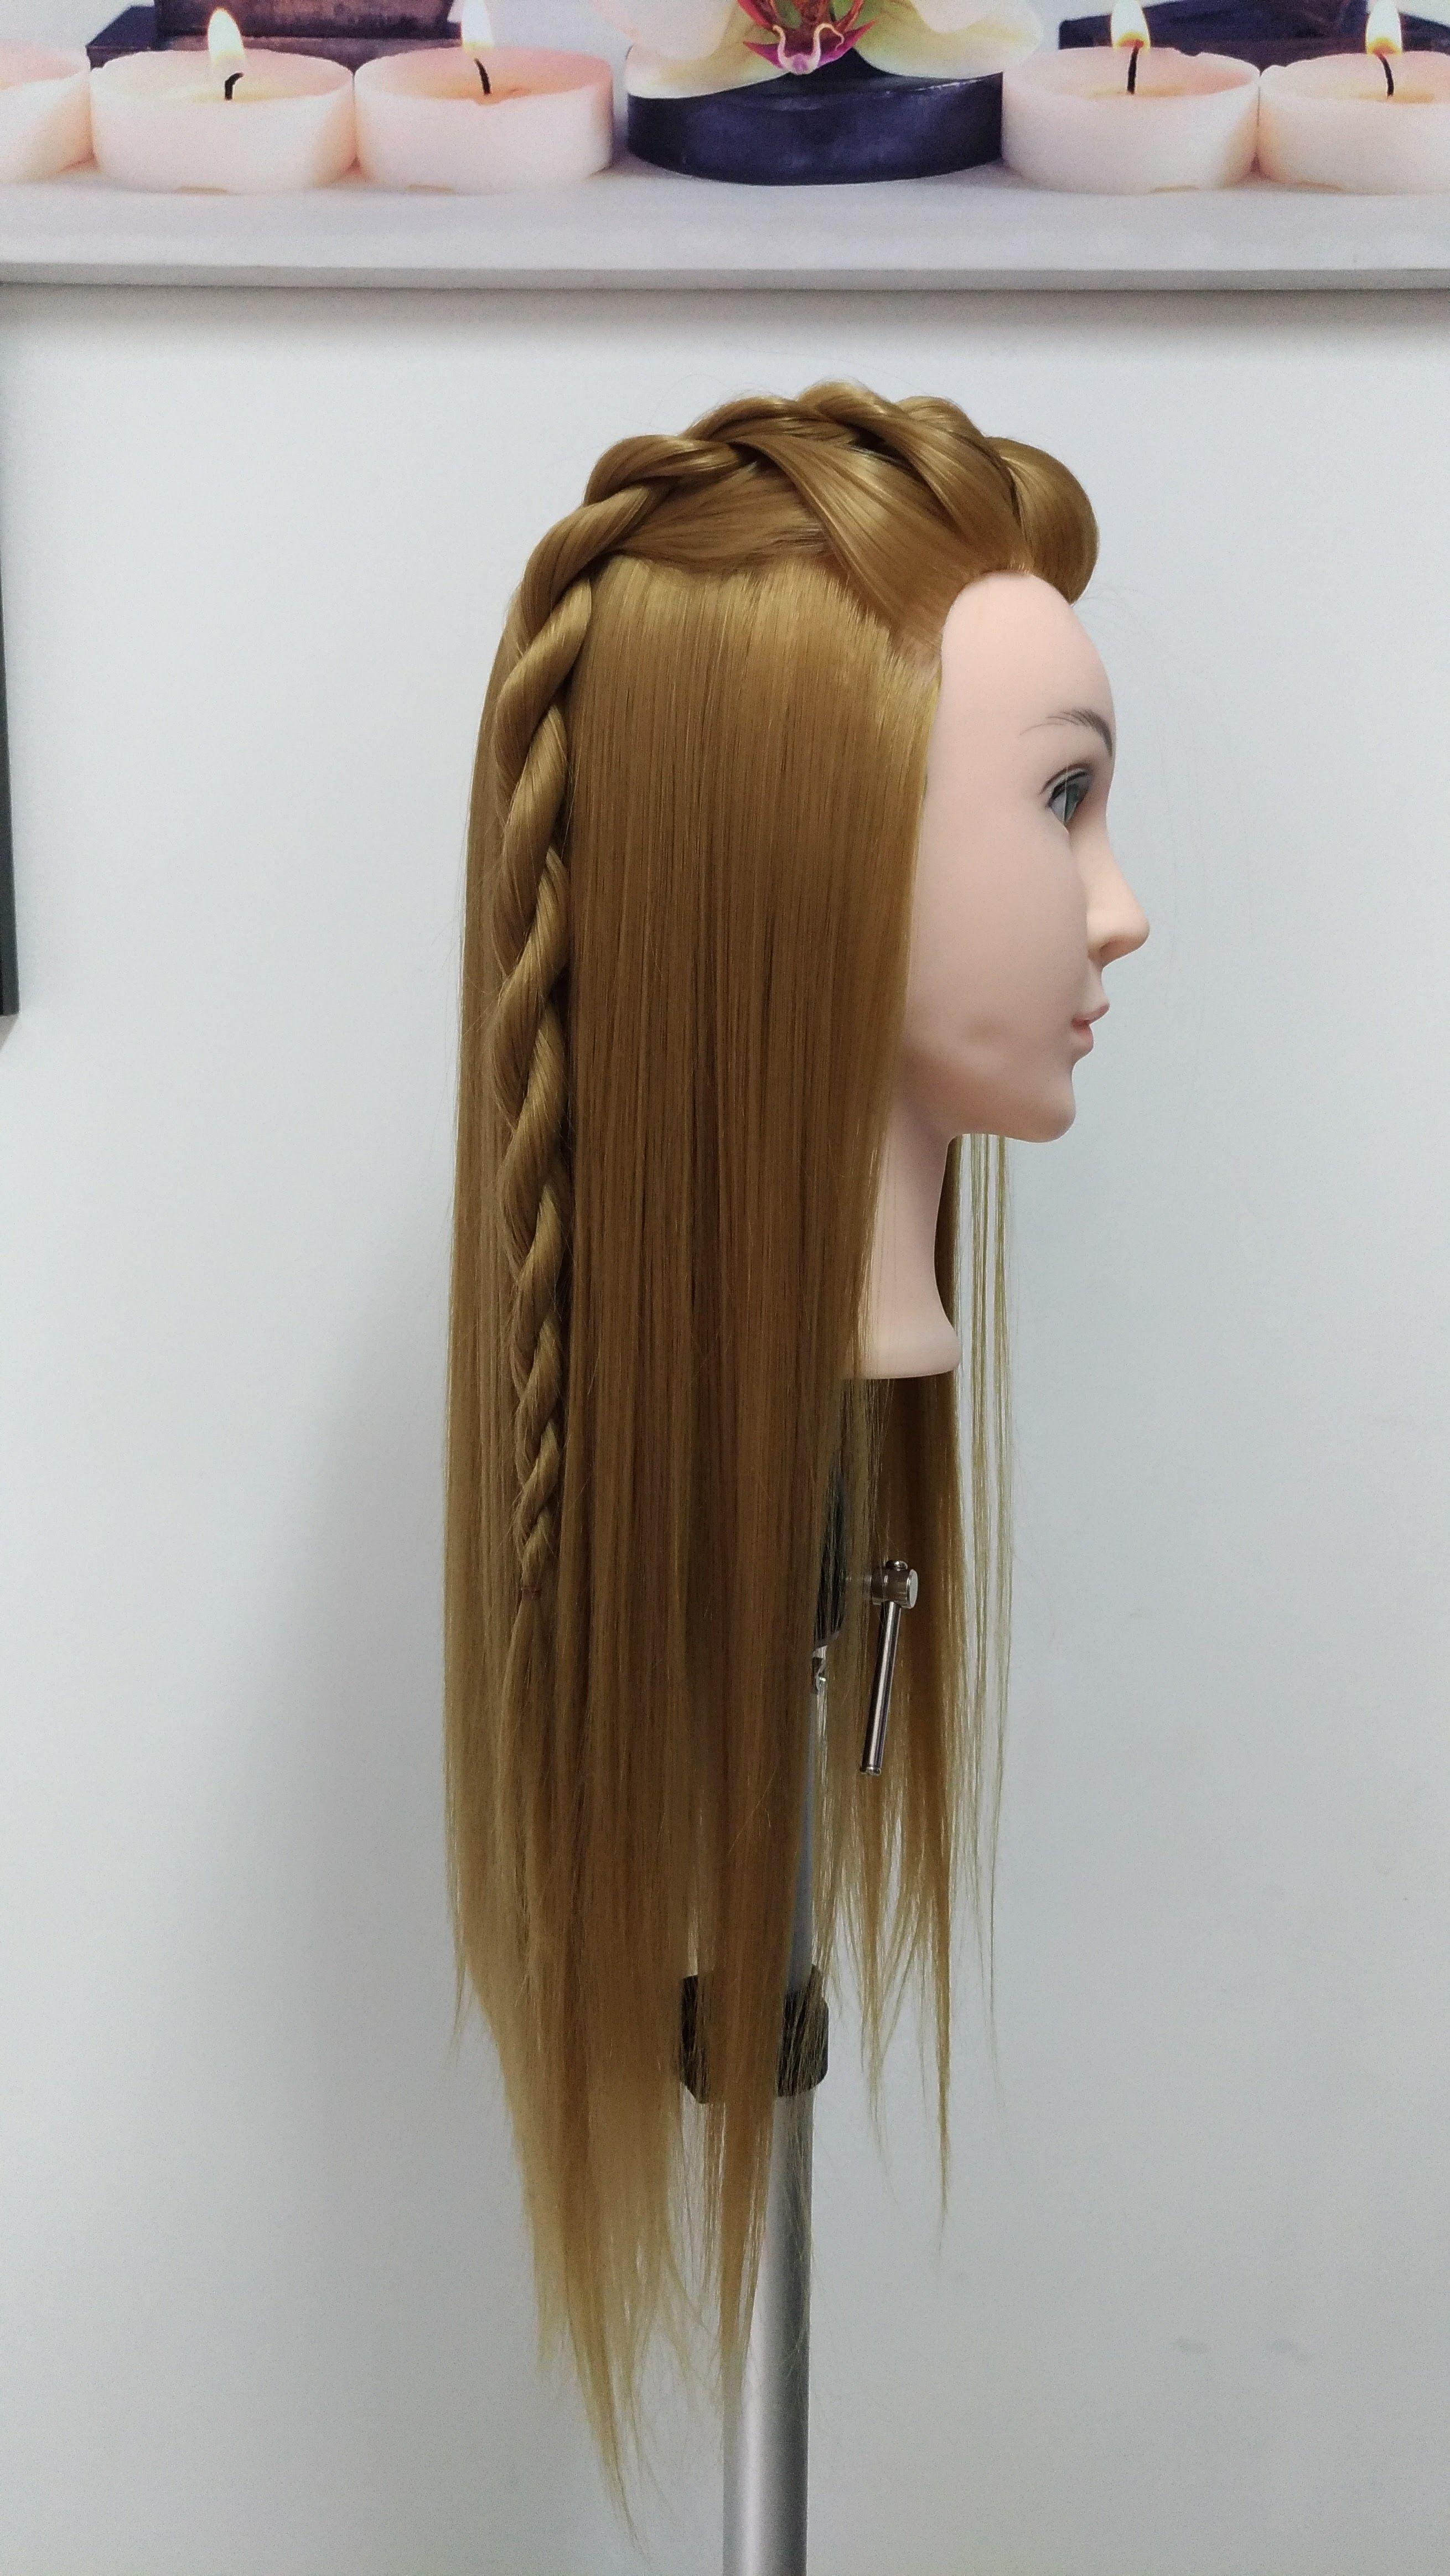 Peinado facil trenza dos cabos